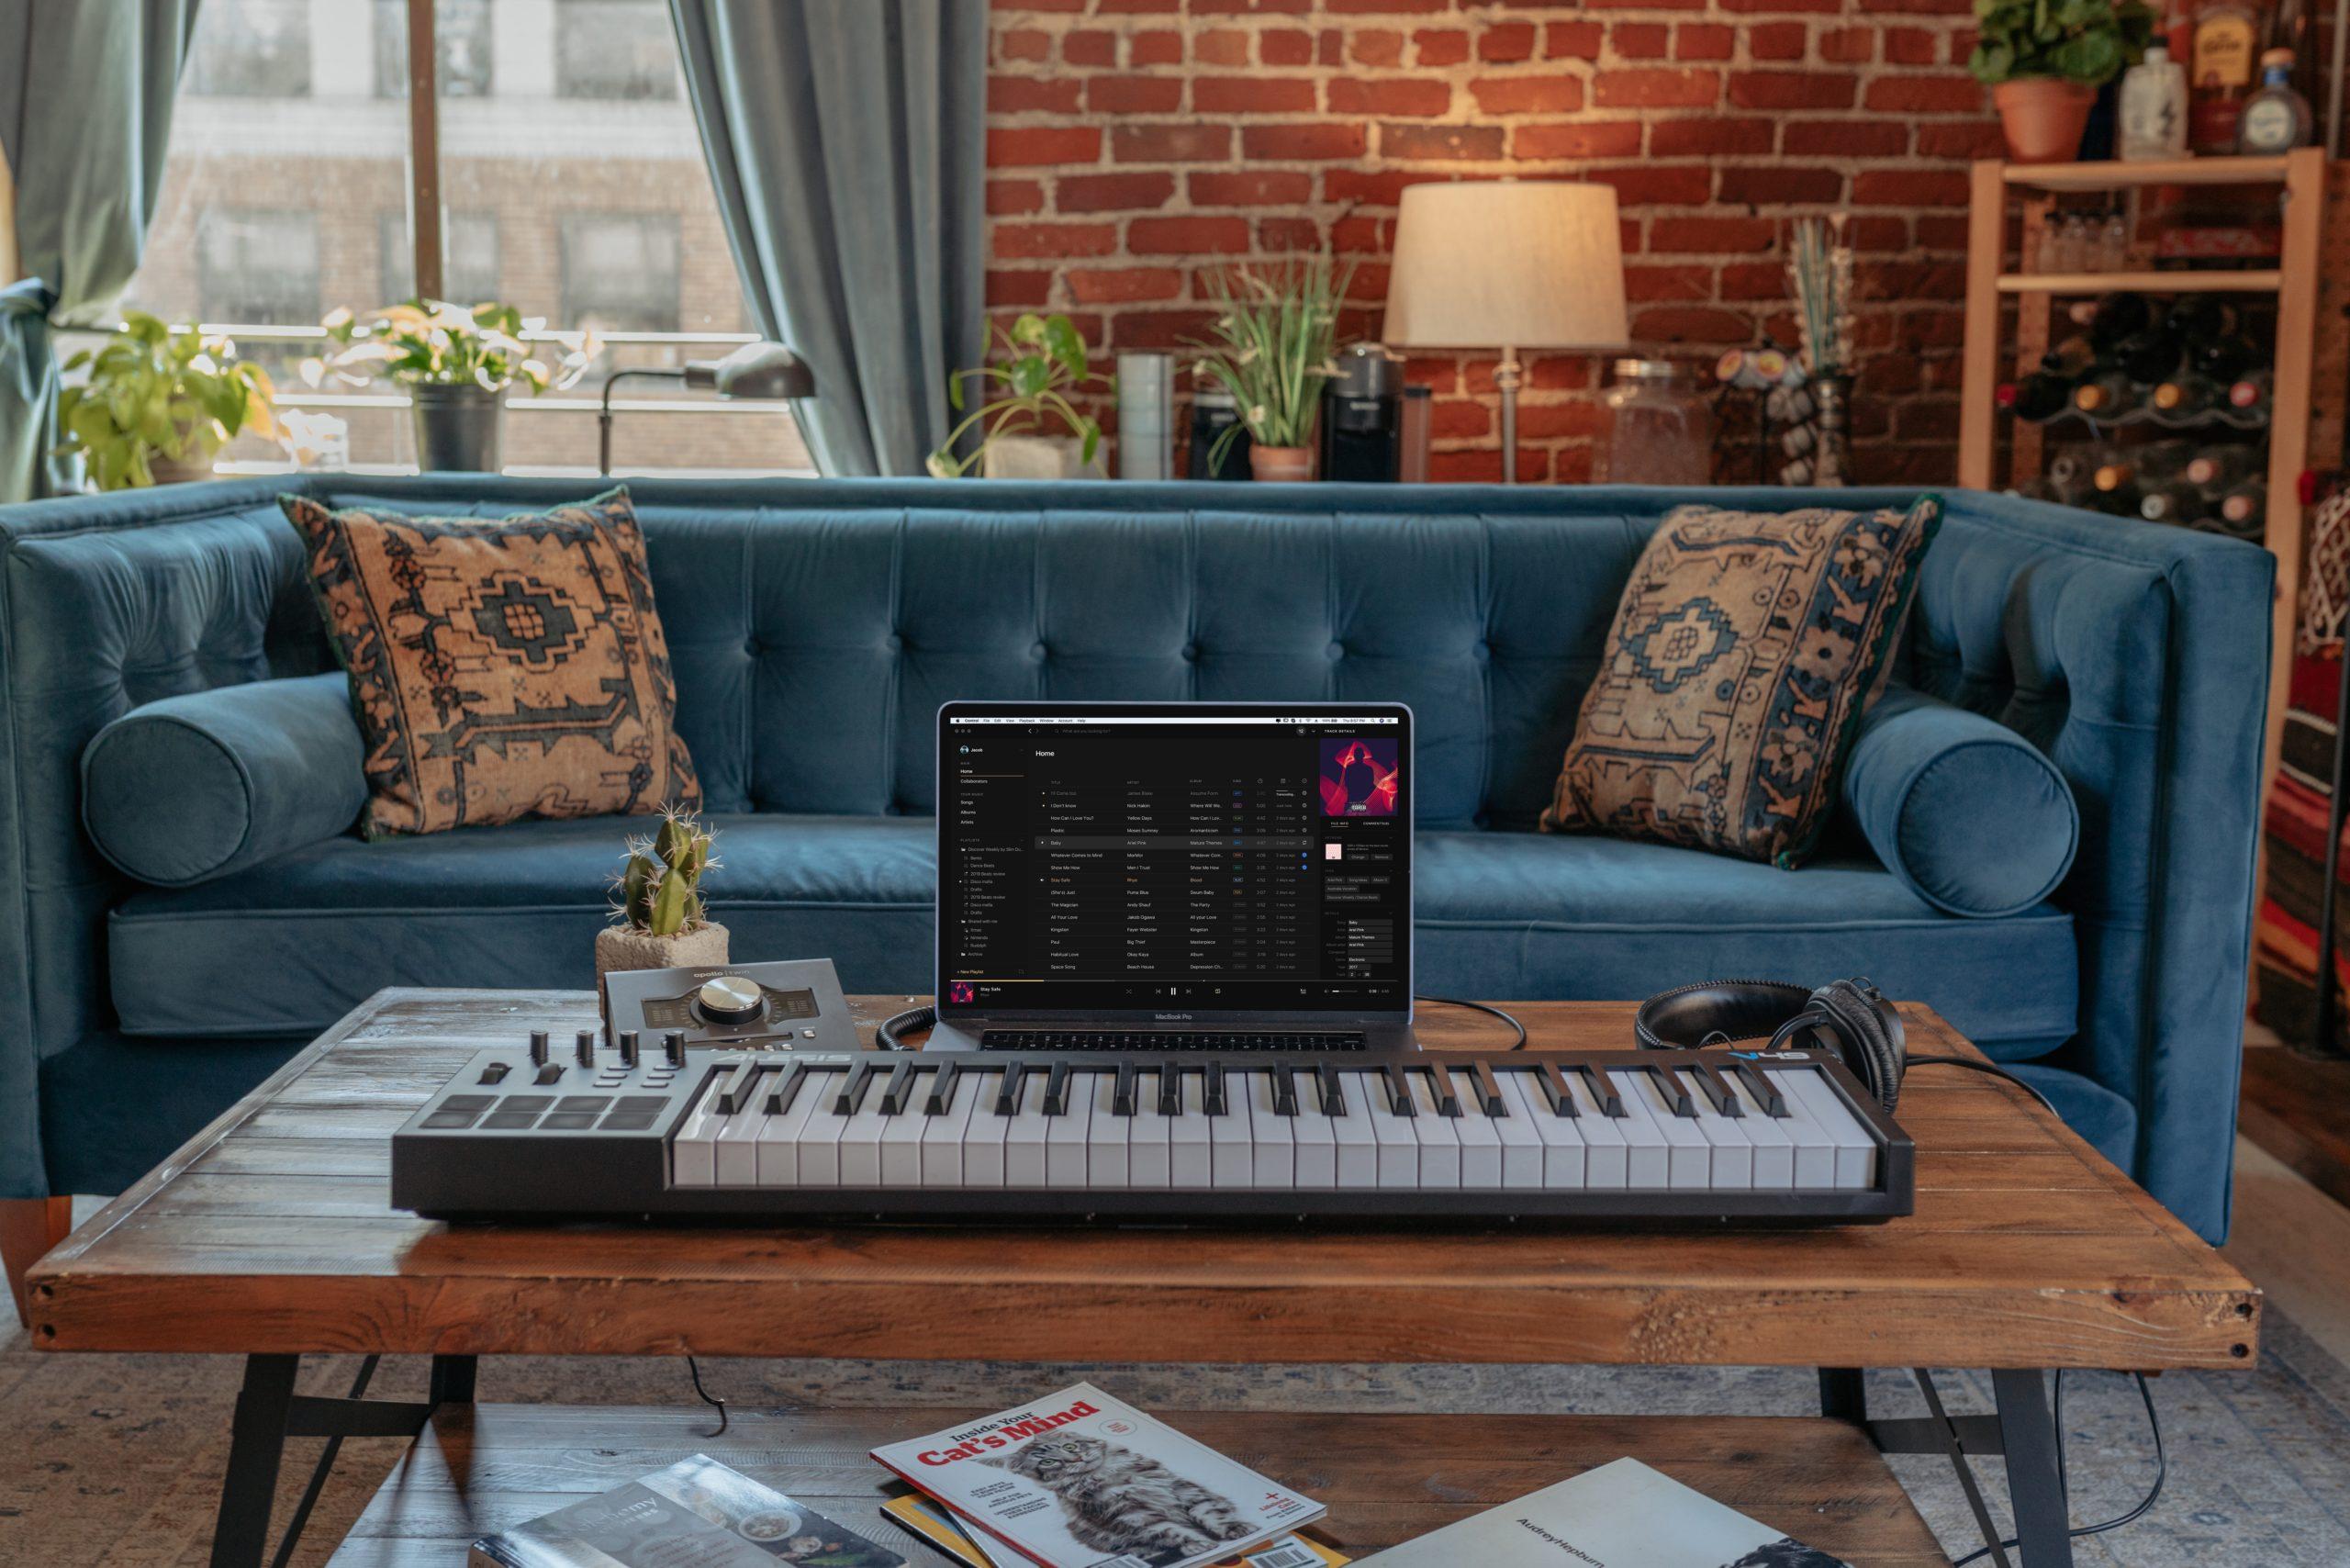 MIDI controller guide